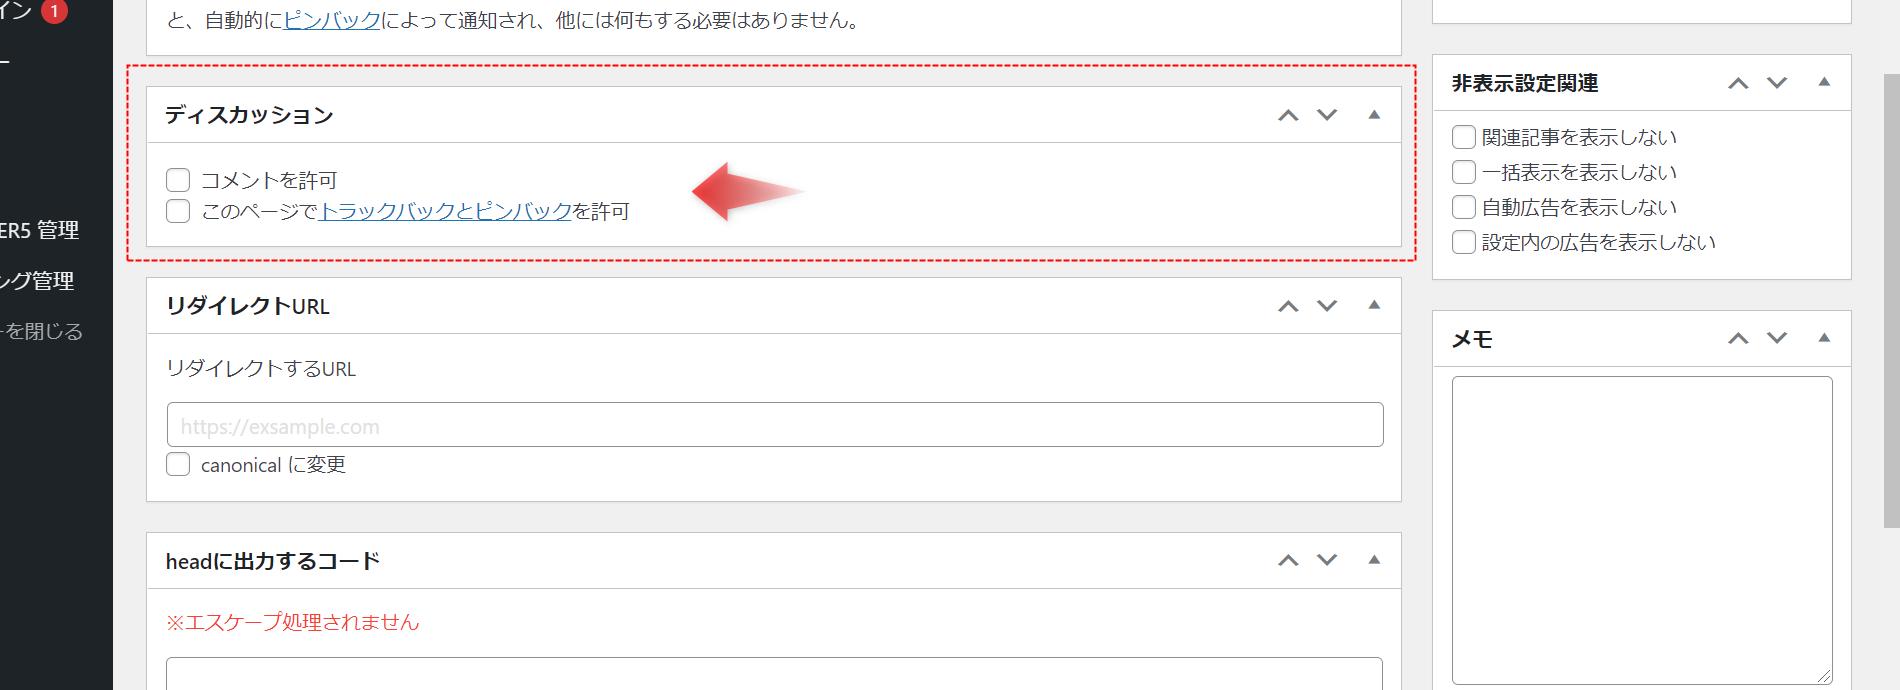 「コメントを許可」「このページでトラックバックとピンバックを許可」のチェックを外します